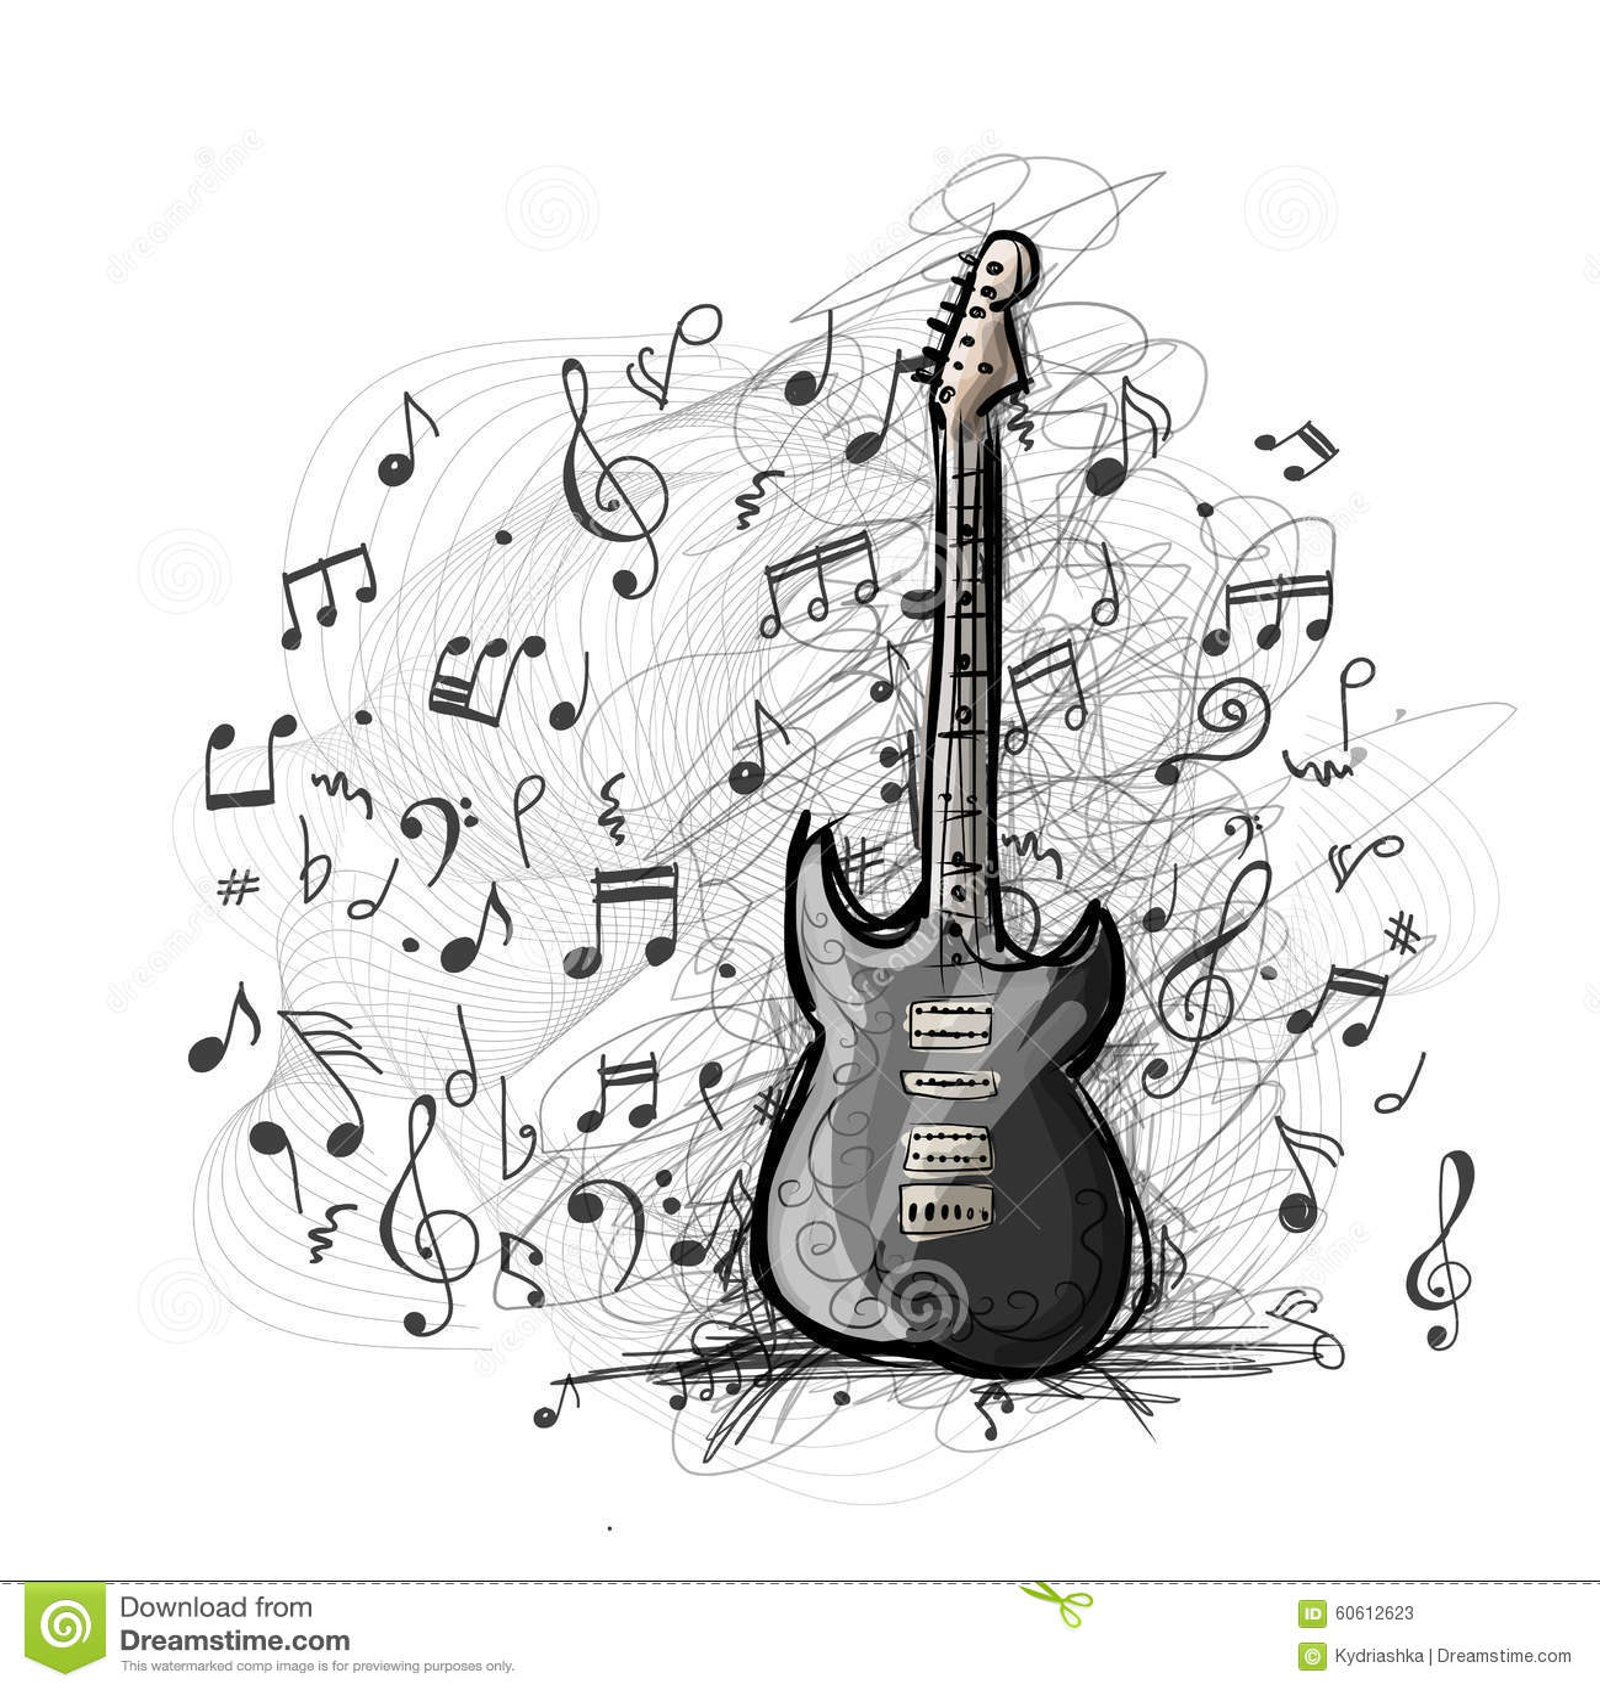 Art Sketch Of Guitar Design Stock Vector